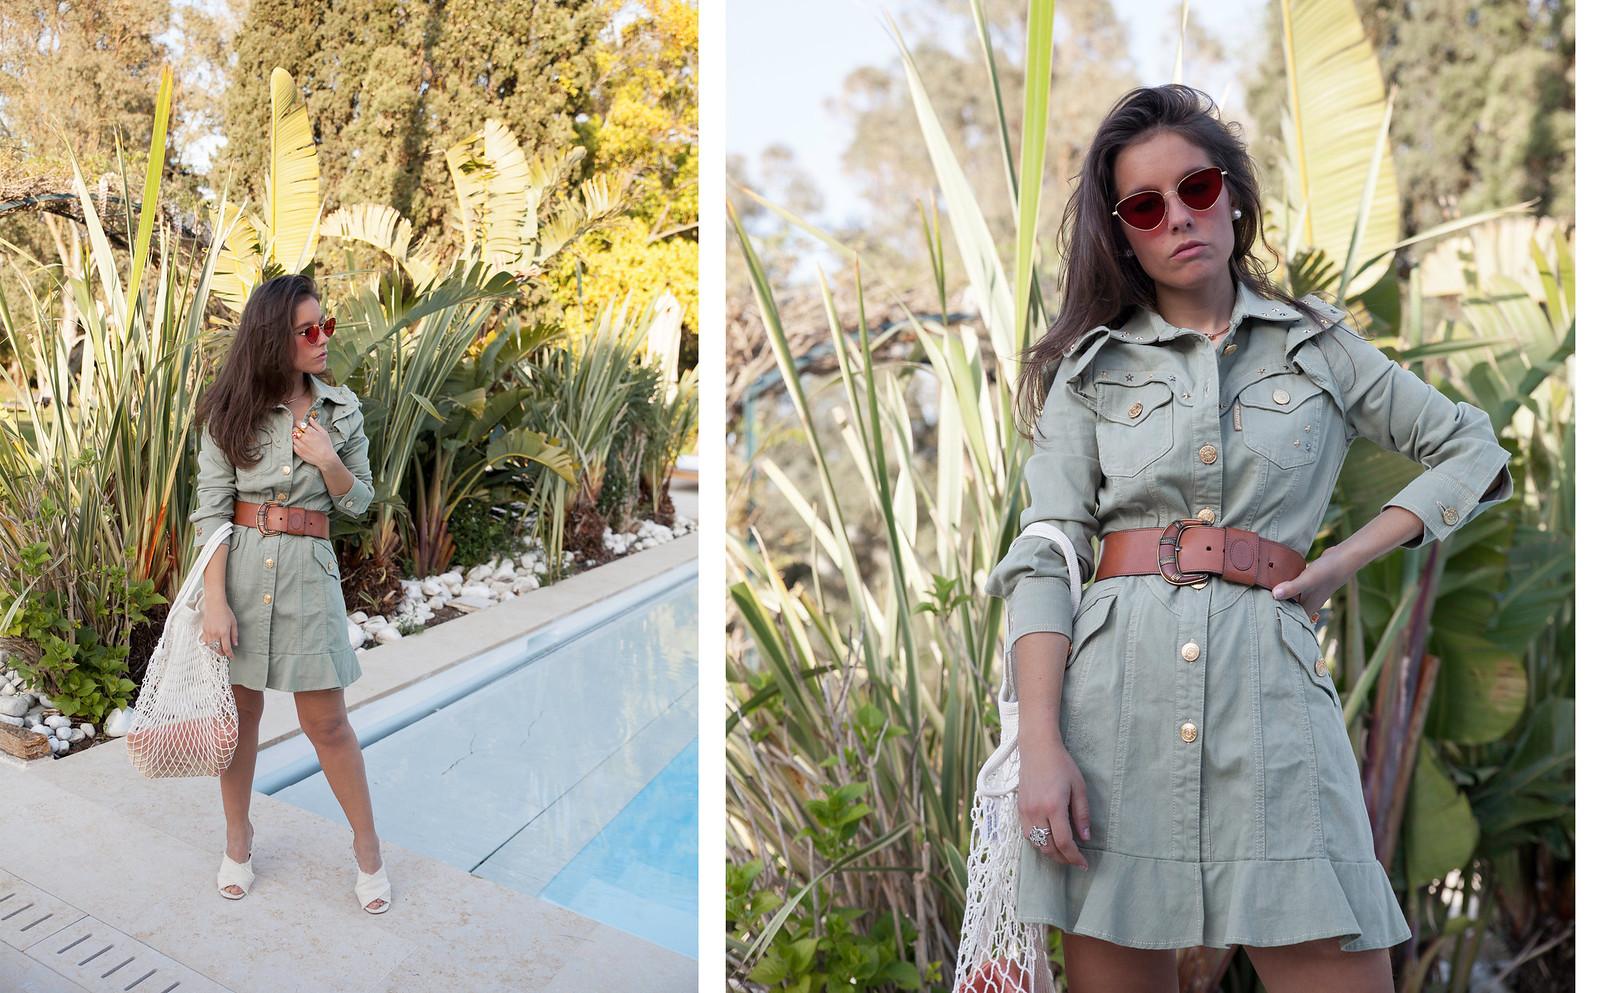 el vestido de moda que vas a querer Highly Preppy Theguestgirl Brand Ambassador fashion influencer barcelona